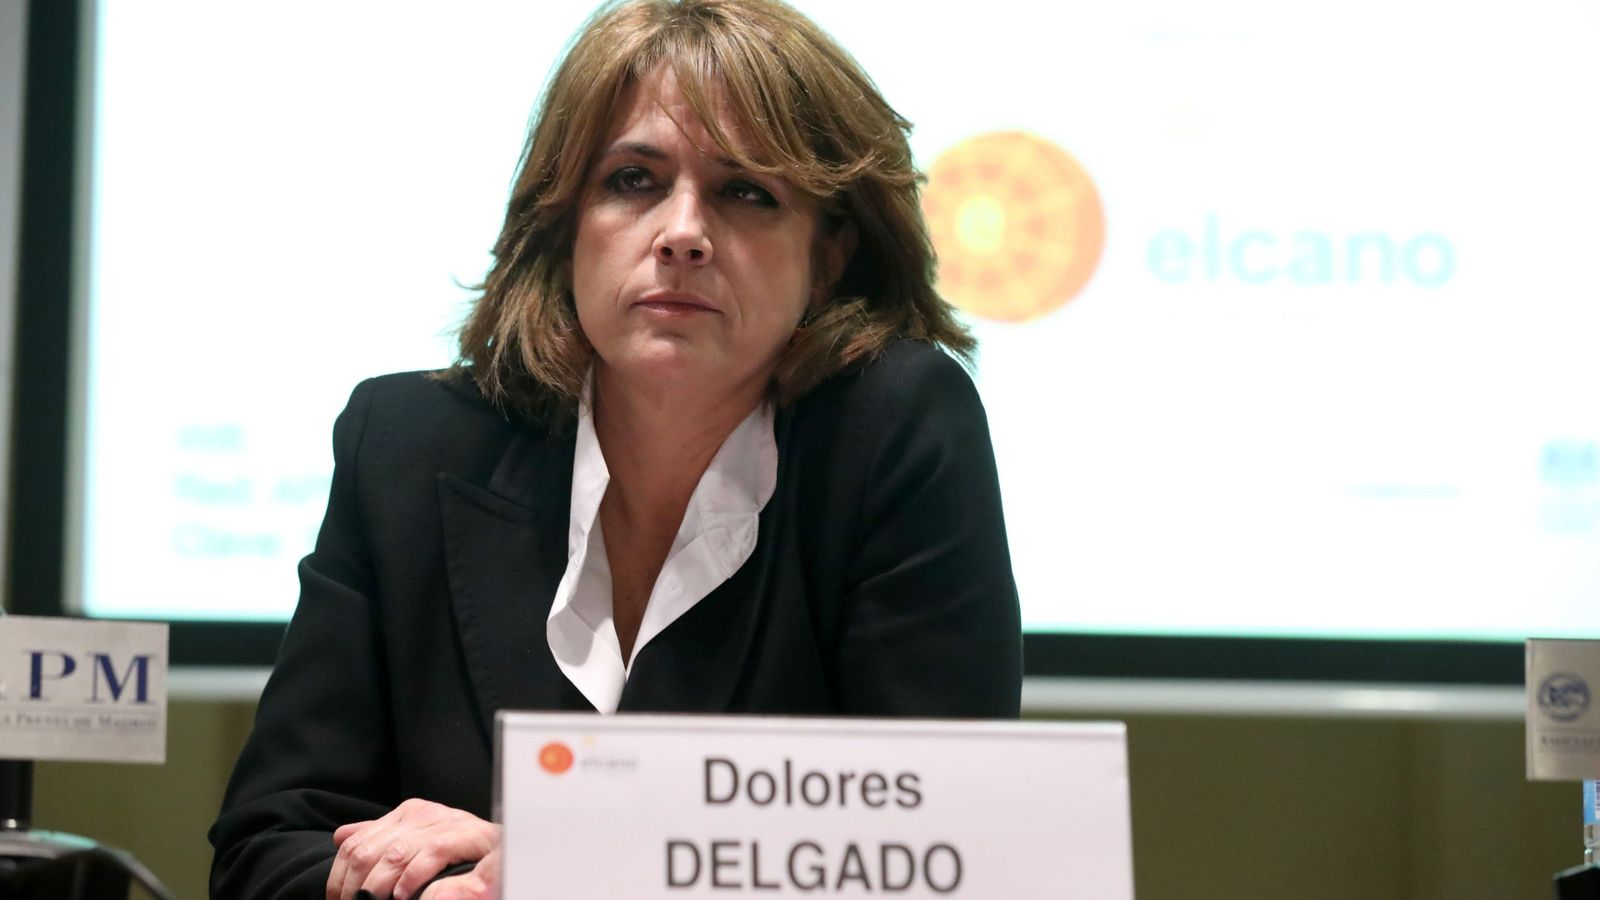 Foto: Dolores Delgado es la nueva ministra de Justicia de Pedro Sánchez. (EFE)